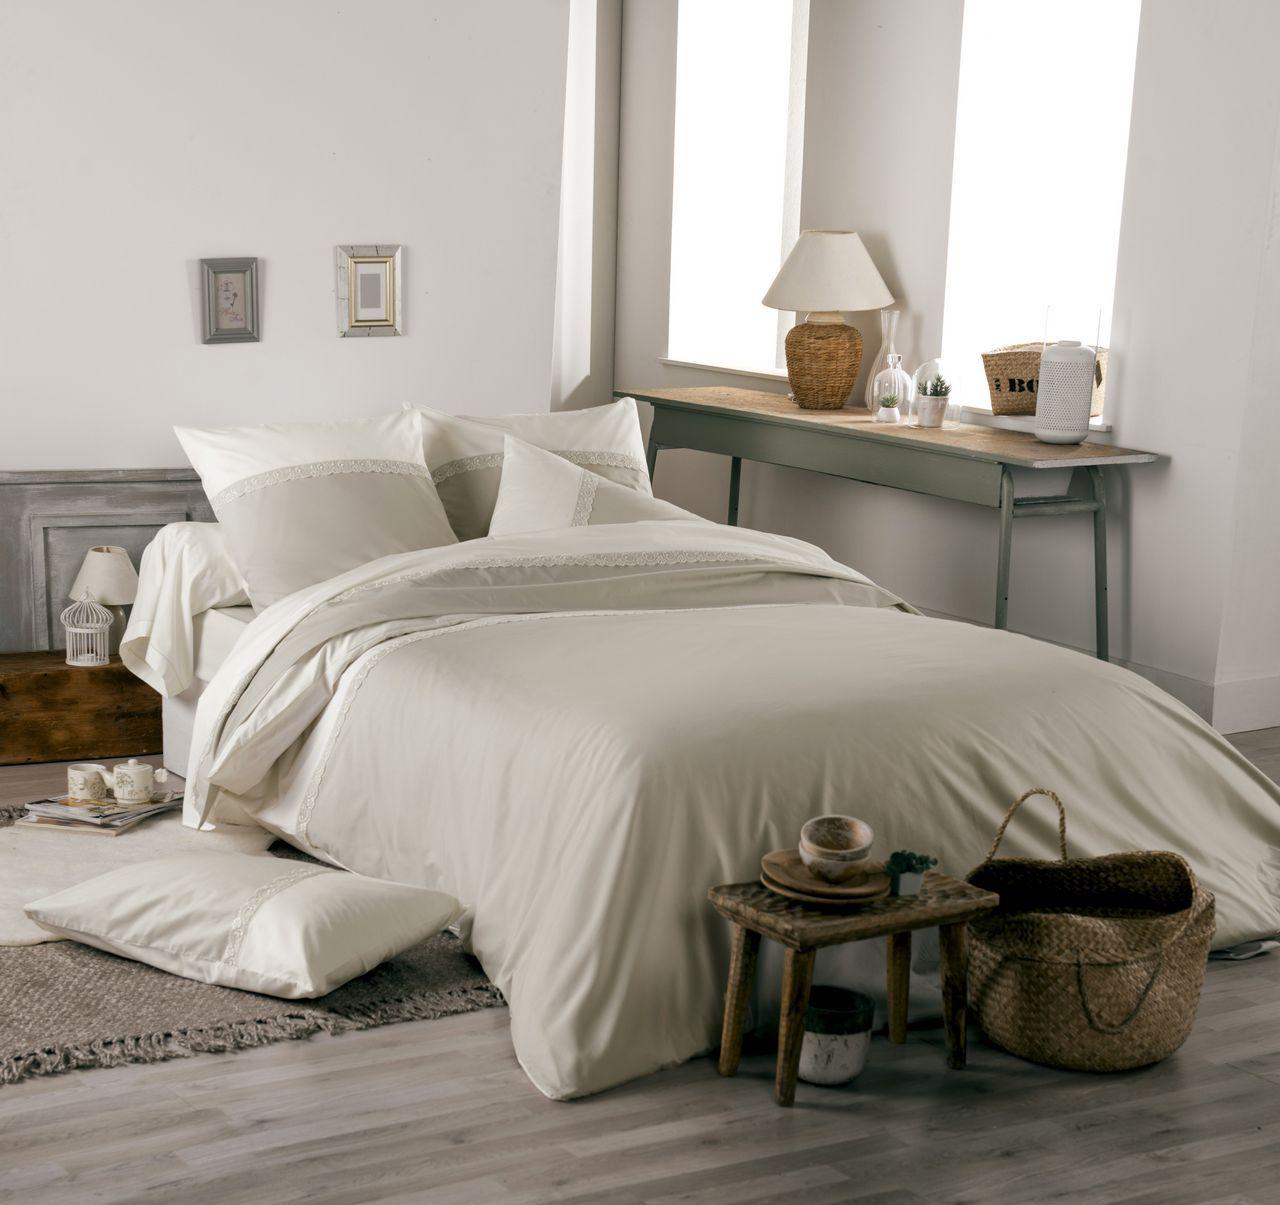 parure de lit idylle percale galon dentelle hc 240x220 2to. Black Bedroom Furniture Sets. Home Design Ideas